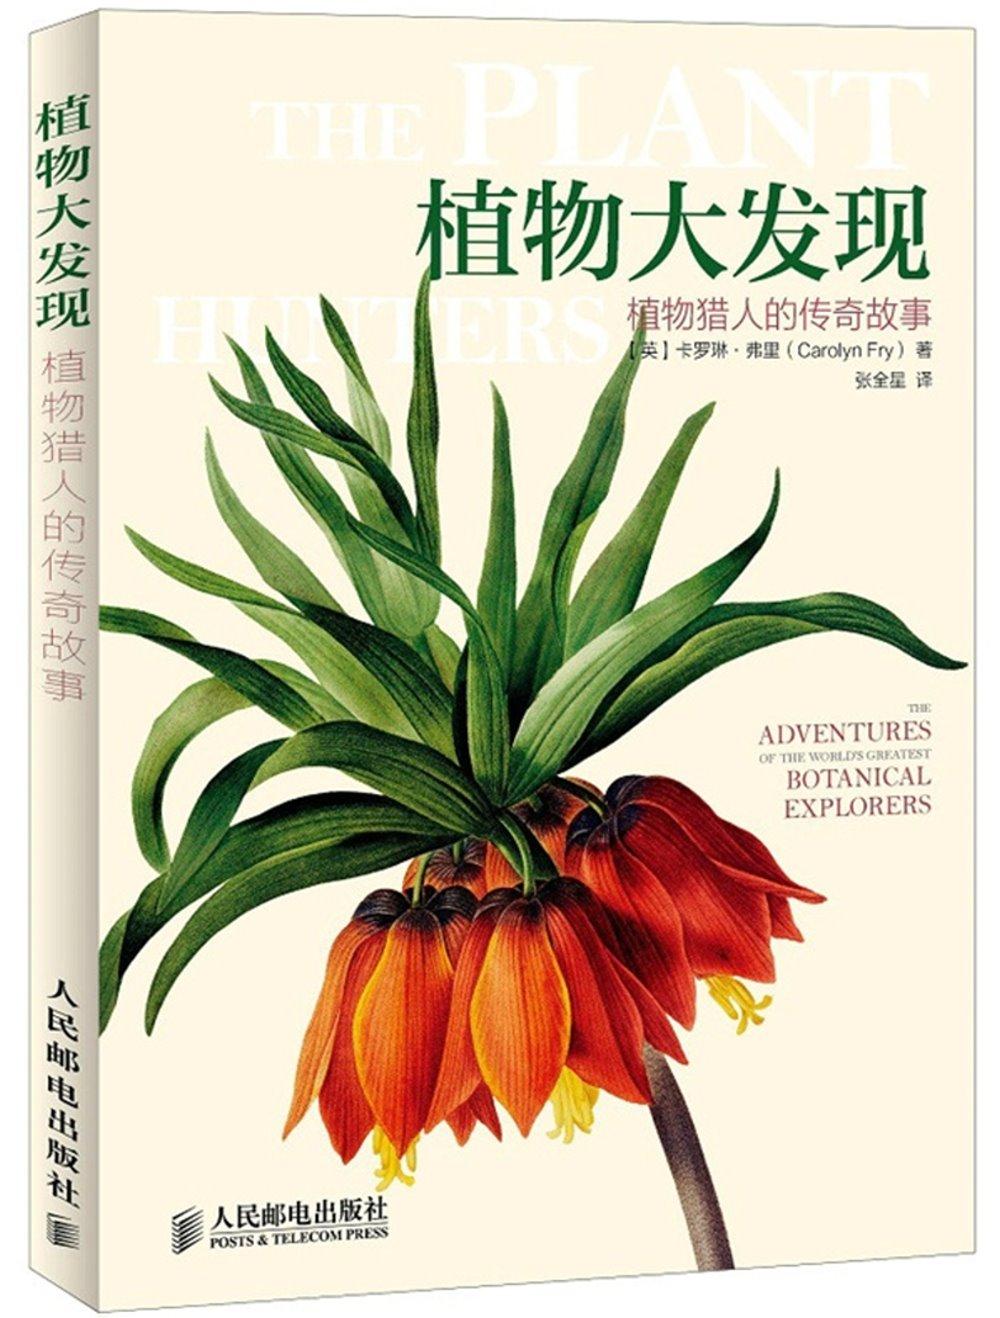 植物大發現:植物獵人的傳奇故事